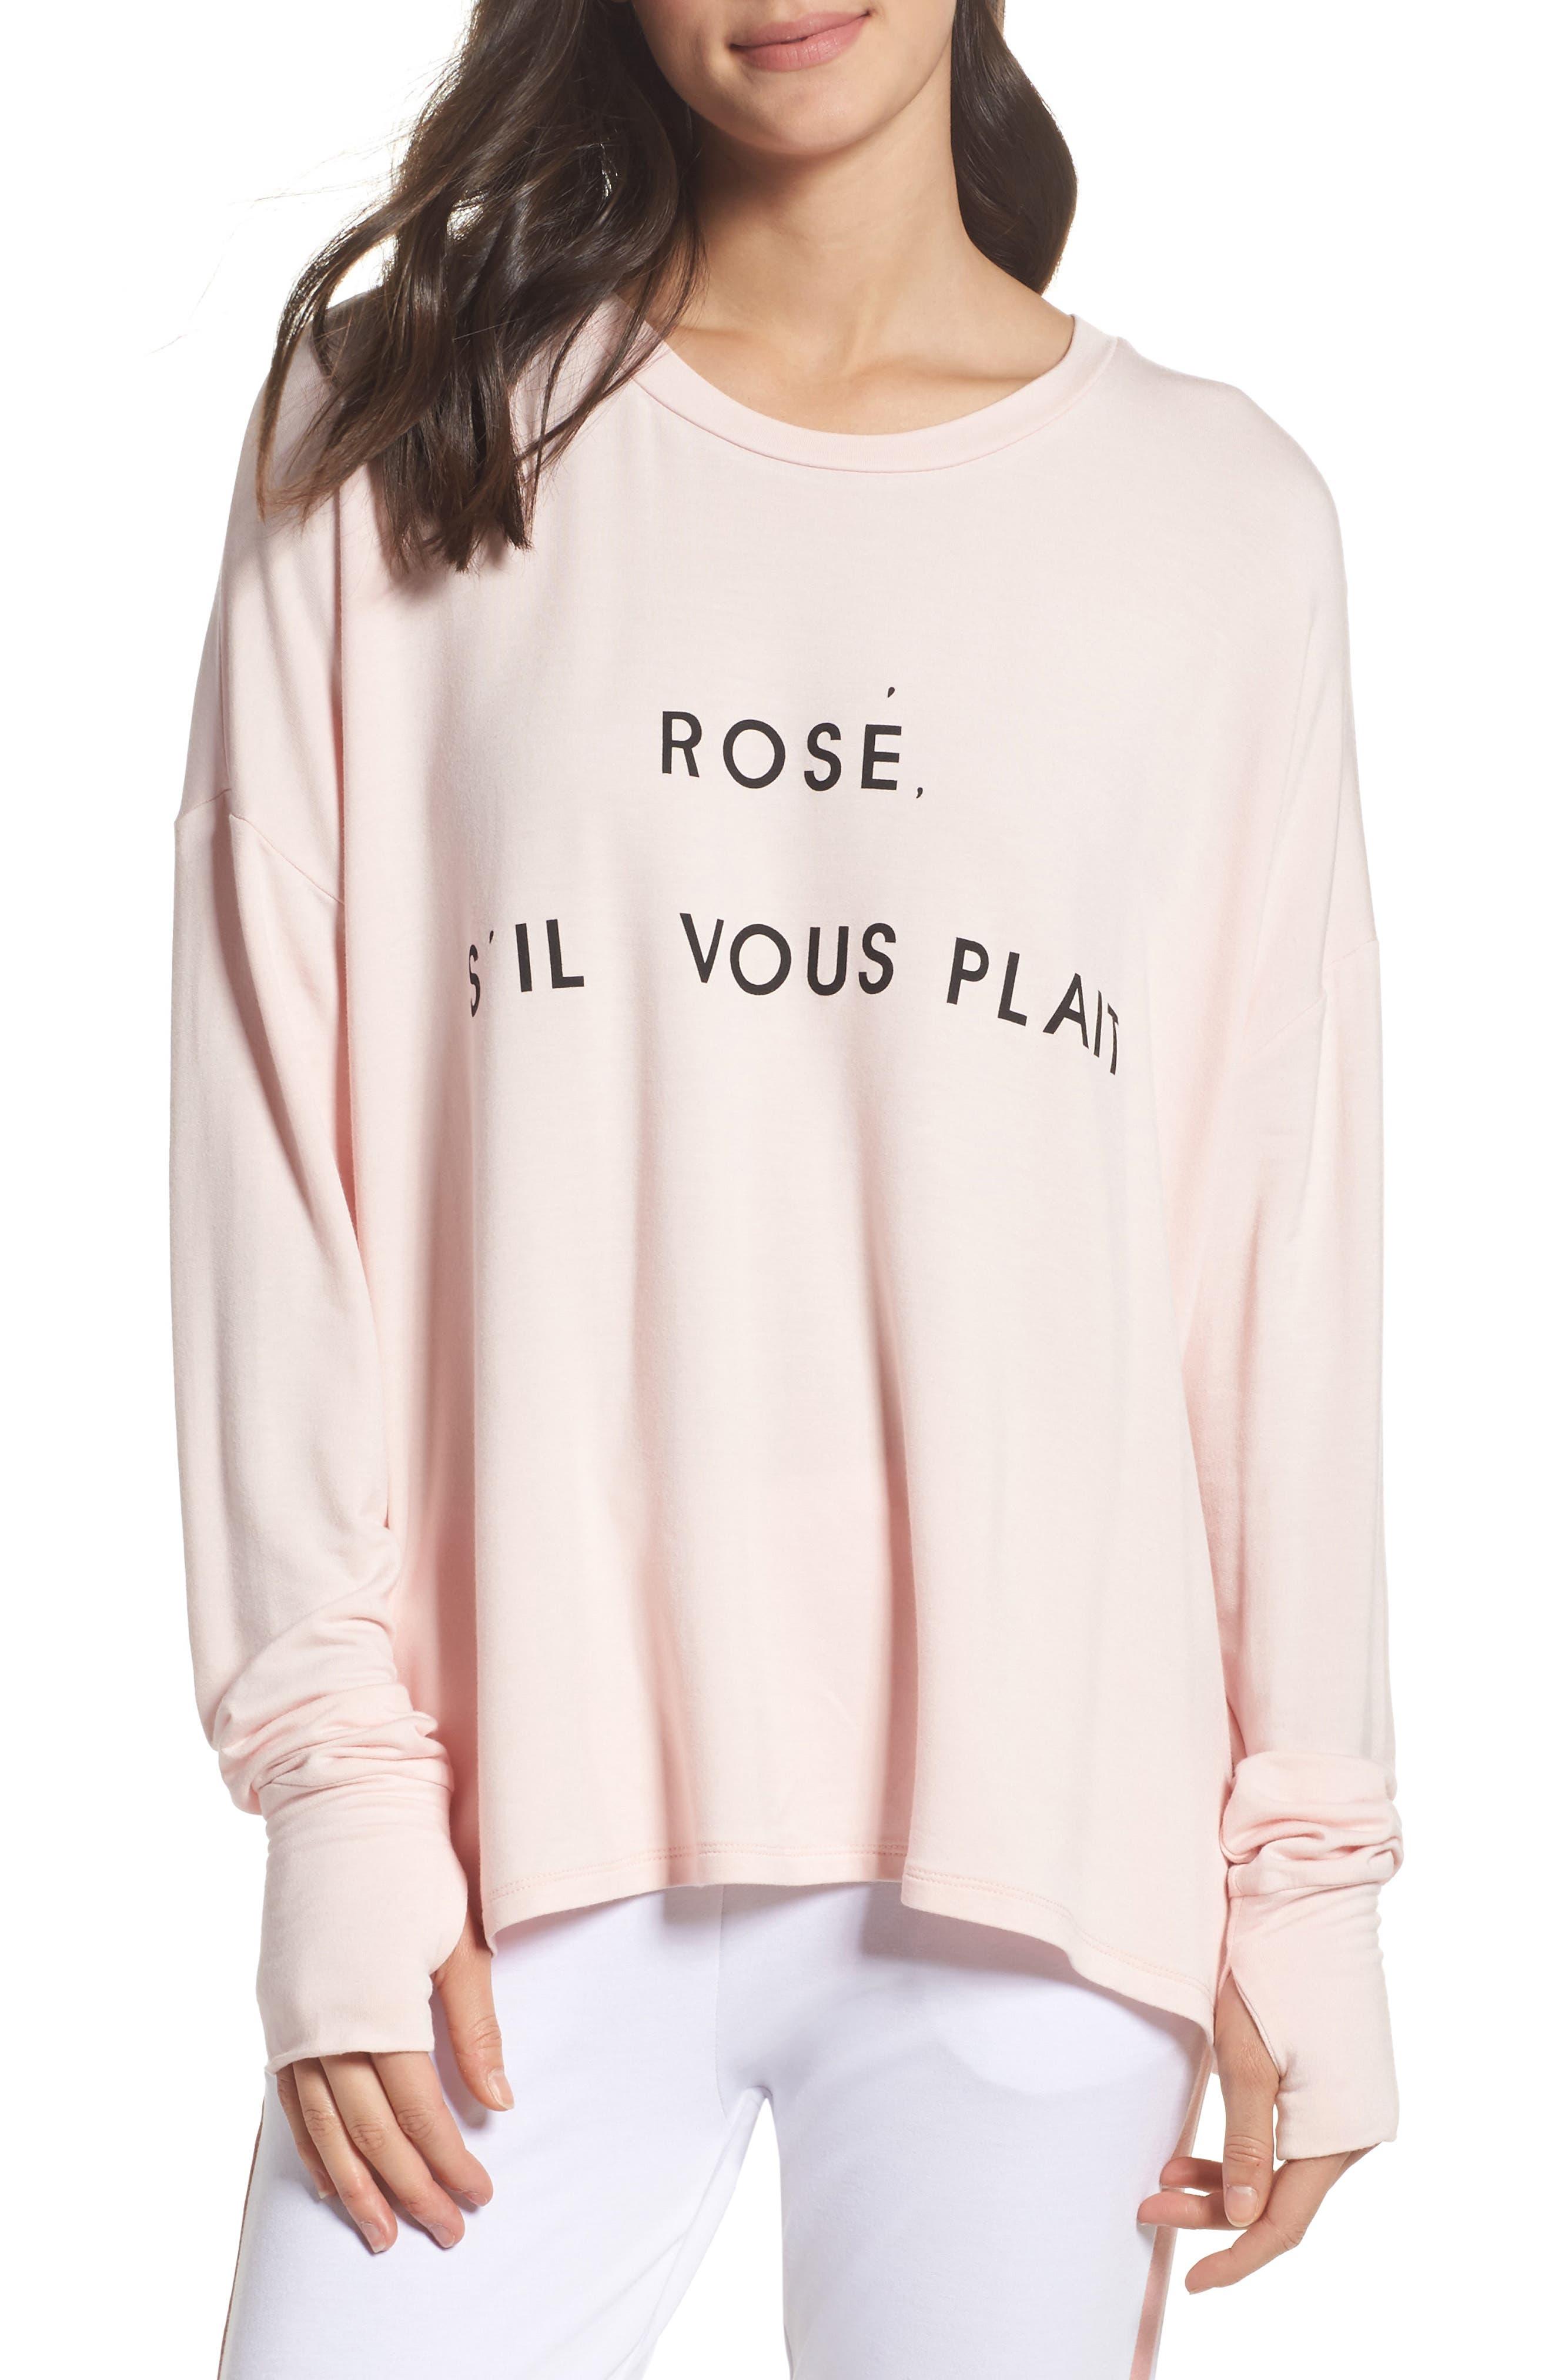 Rosé Please Sweatshirt,                             Main thumbnail 1, color,